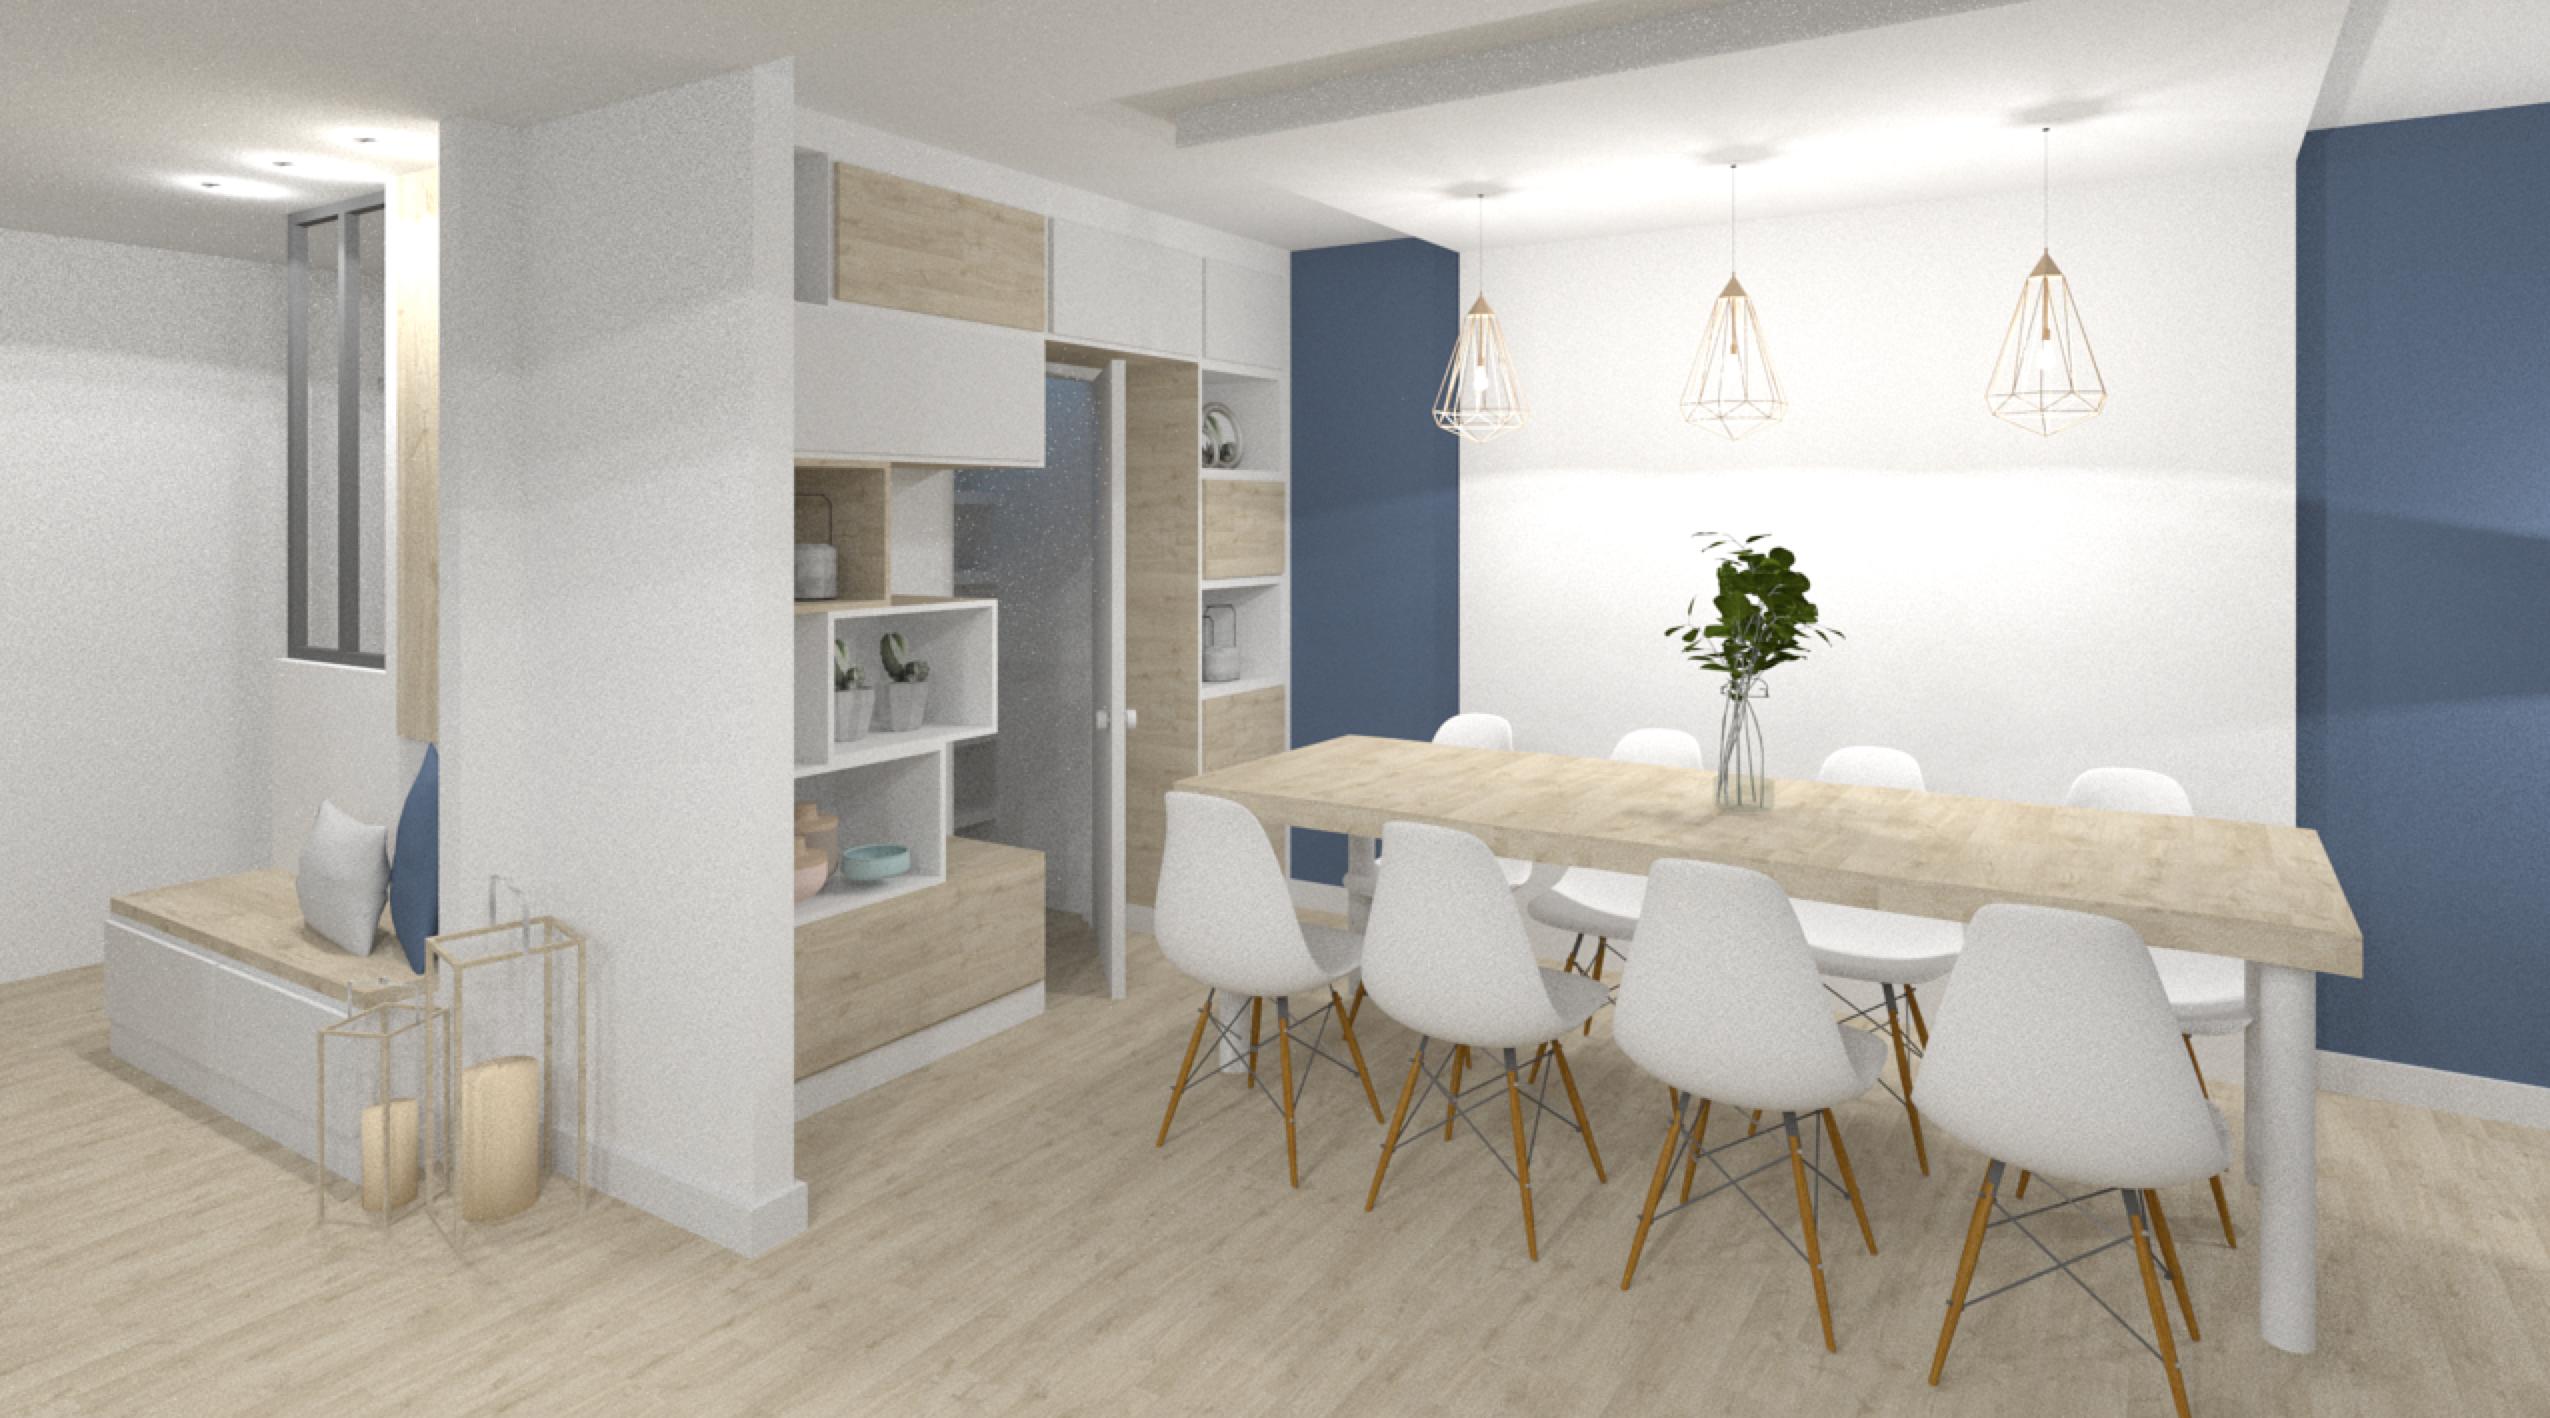 rénovation avec agencement sur mesure d'une salle à manger avec rangements sur mesure fonctionnel ré